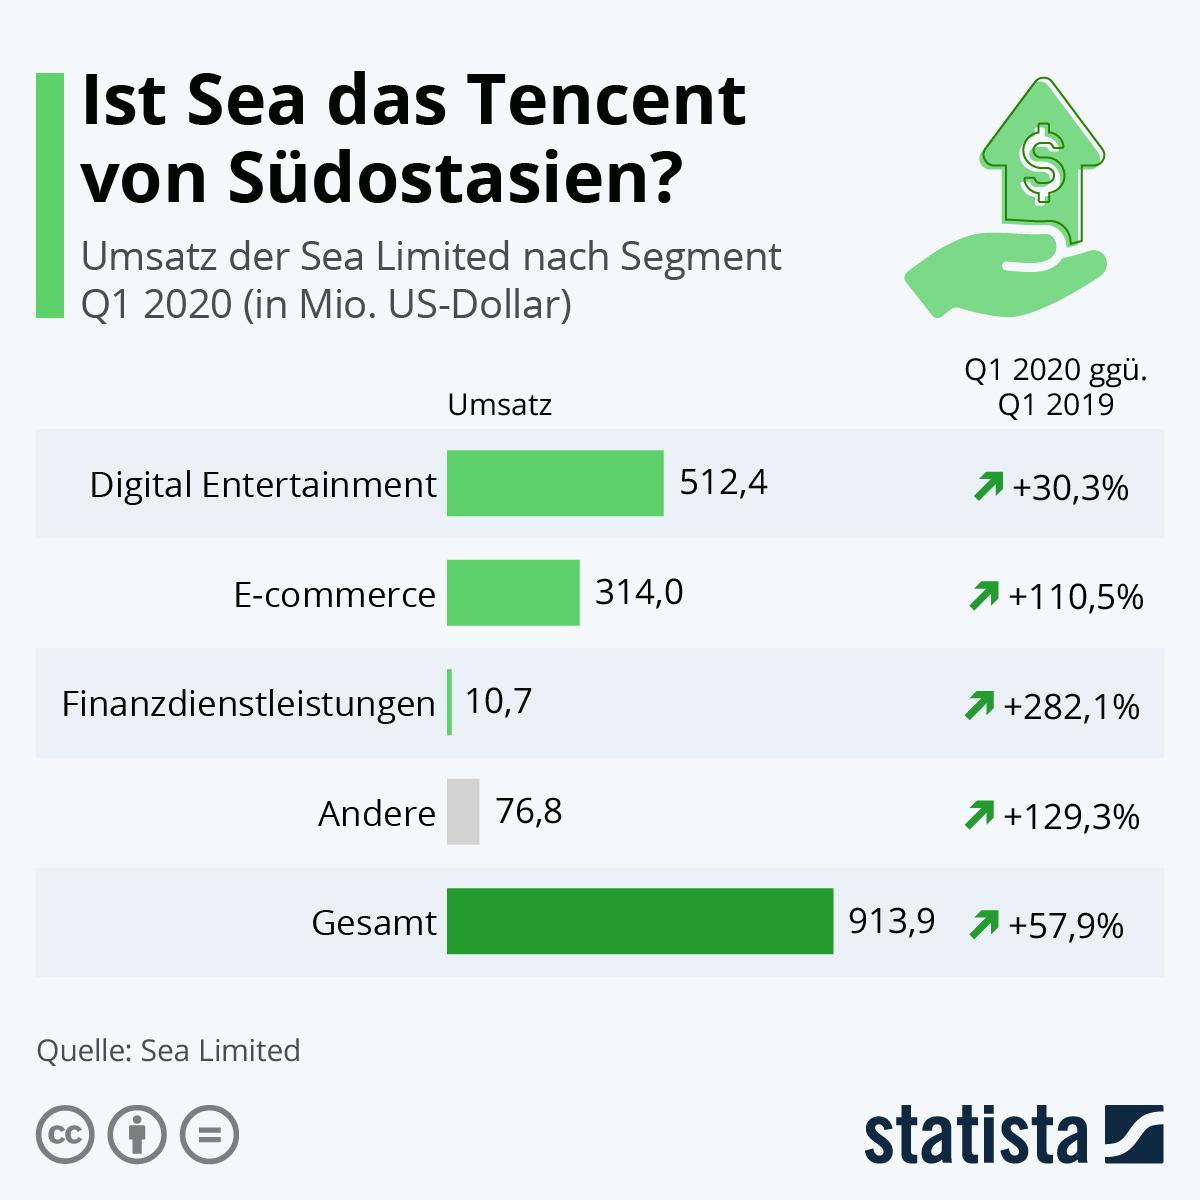 Infografik: Ist Sea das Tencent von Südostasien | Statista